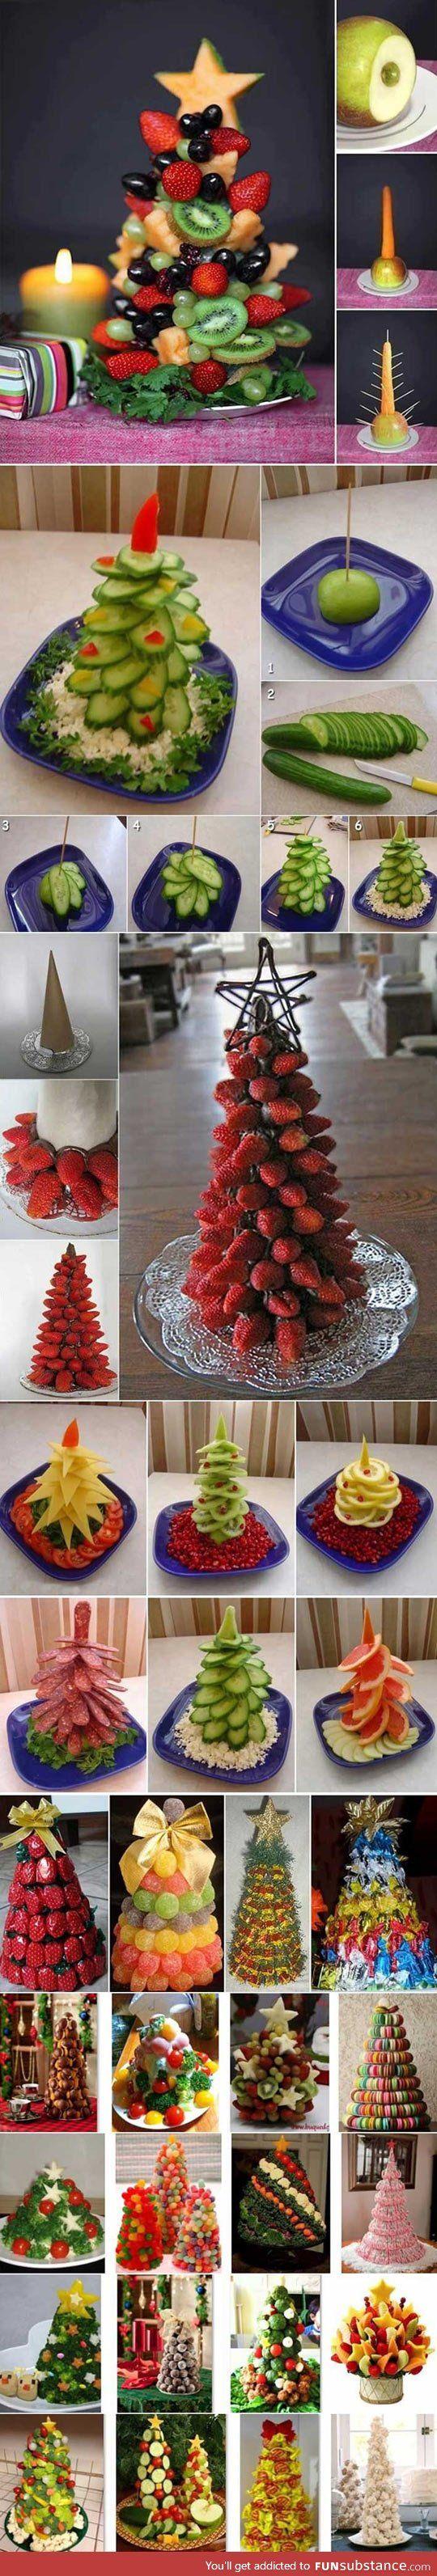 O Tannenbaum, O Tannenbaum! Bunte Ideen und #Inspiration für gesunde Tischdeko.